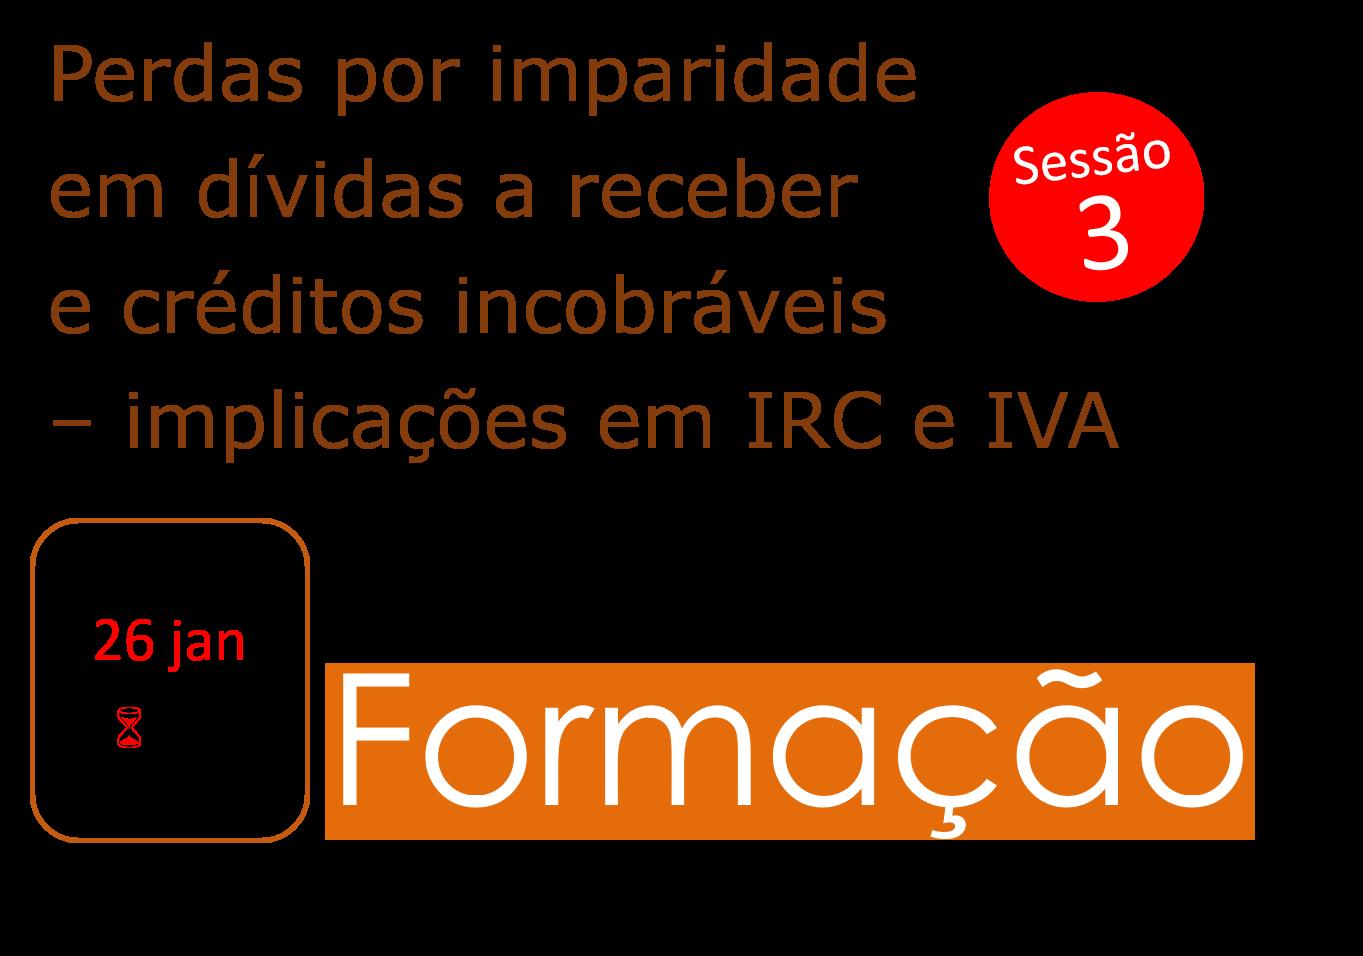 Perdas por imparidade em dívidas a receber e créditos incobráveis – implicações em IRC e IVA - 26/jan